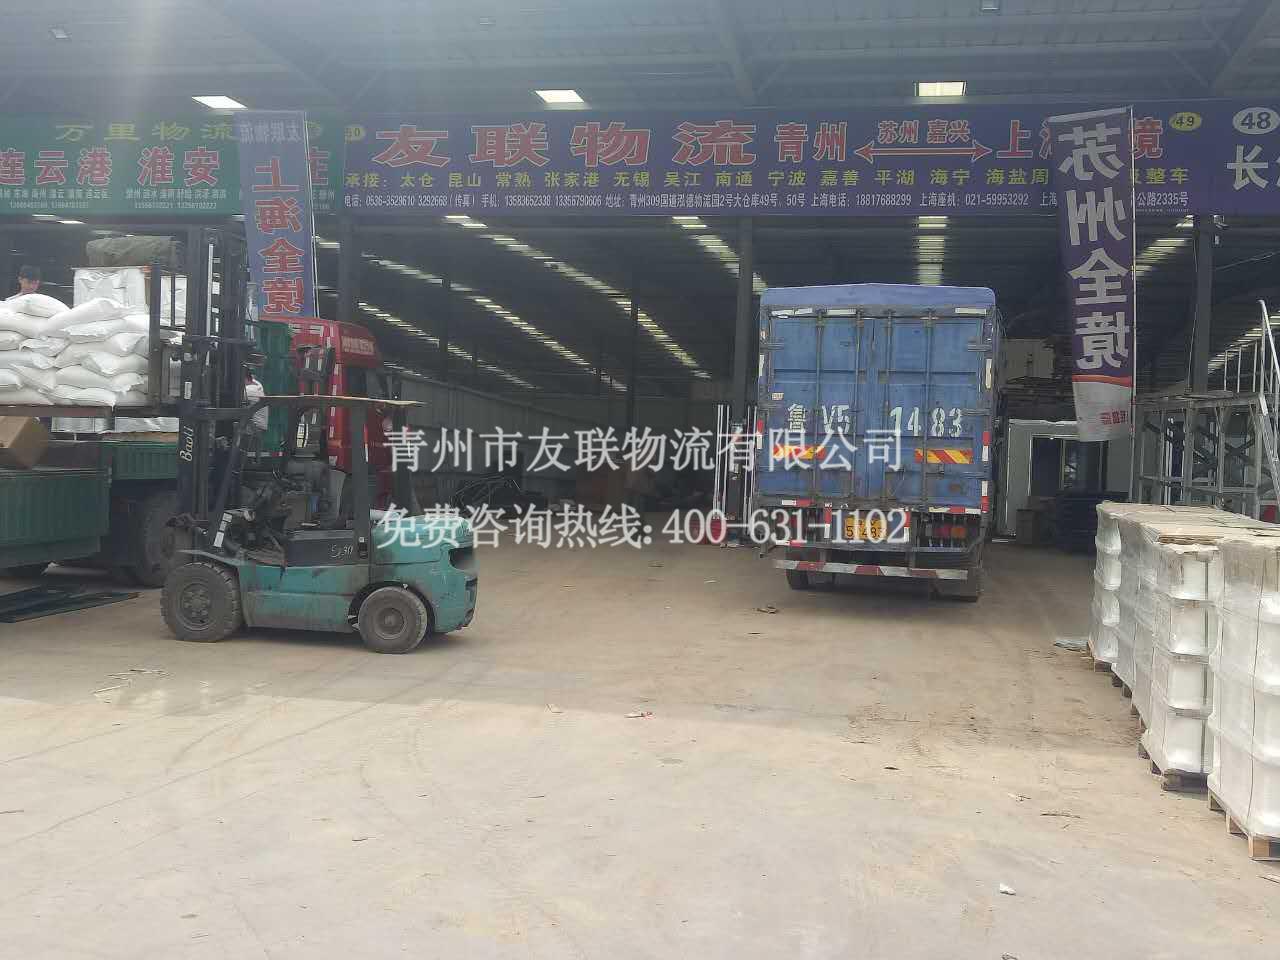 潍坊知名潍坊到上海物流公司推荐|潍坊至上海车队物流